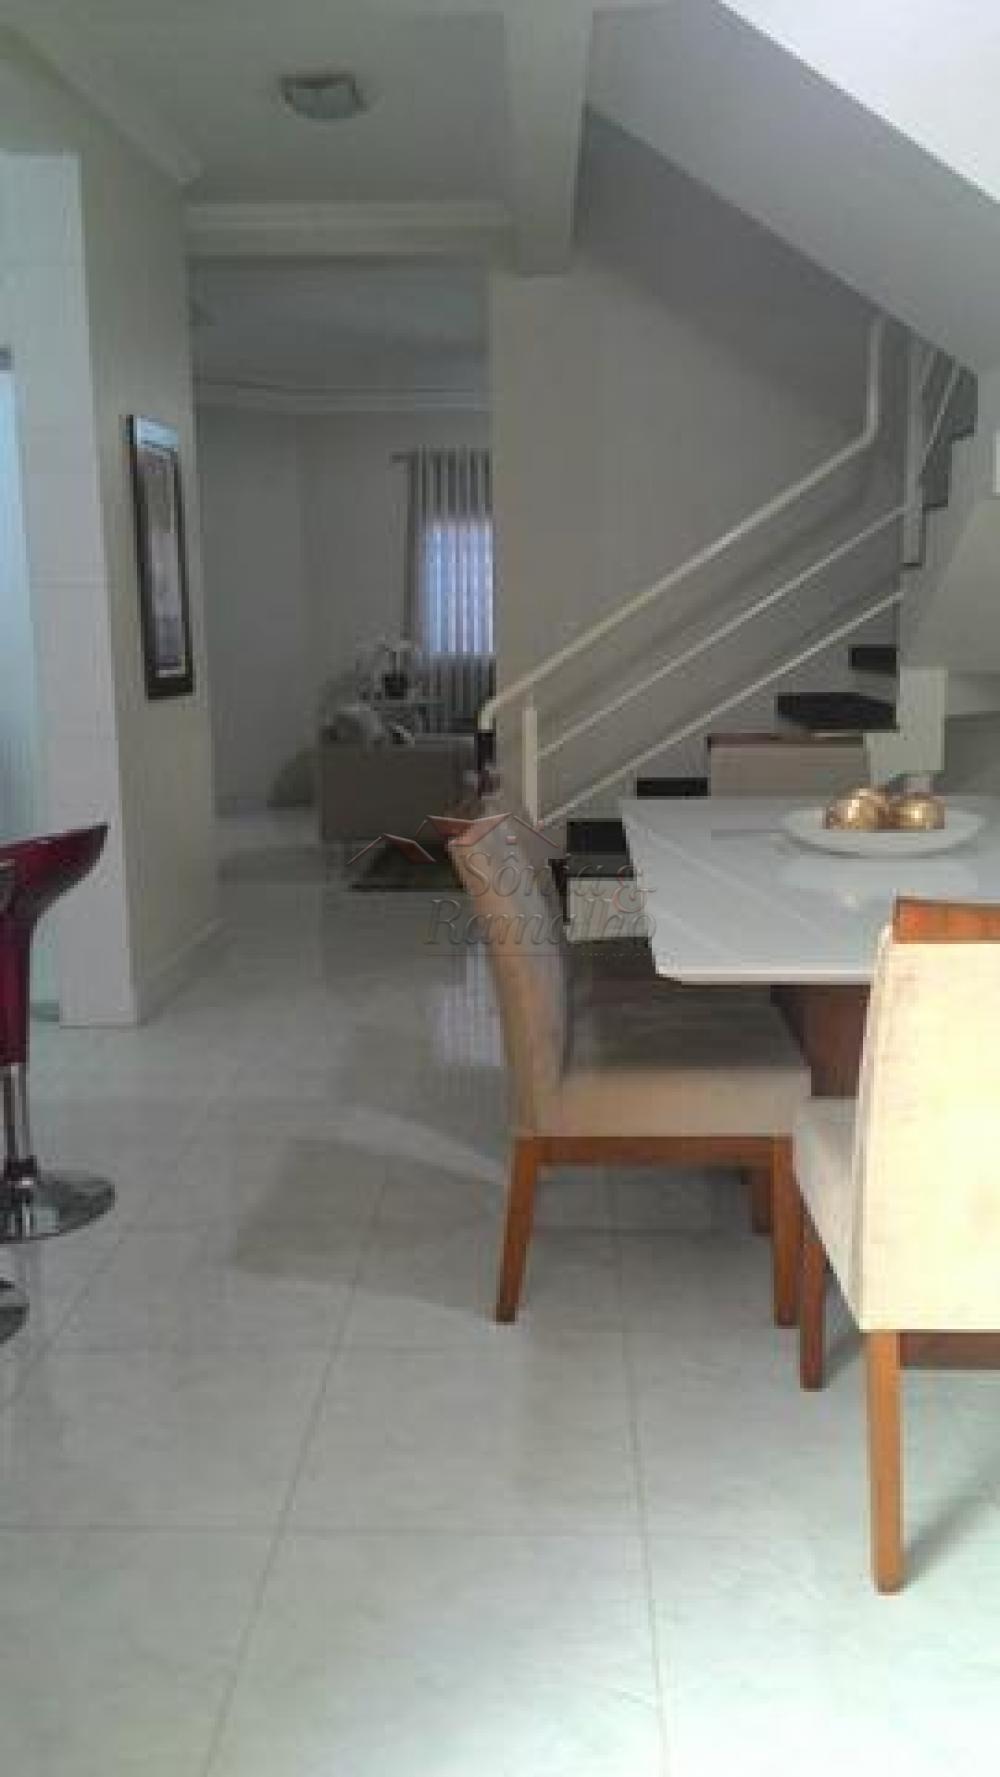 Comprar Casas / Padrão em Ribeirão Preto apenas R$ 550.000,00 - Foto 13